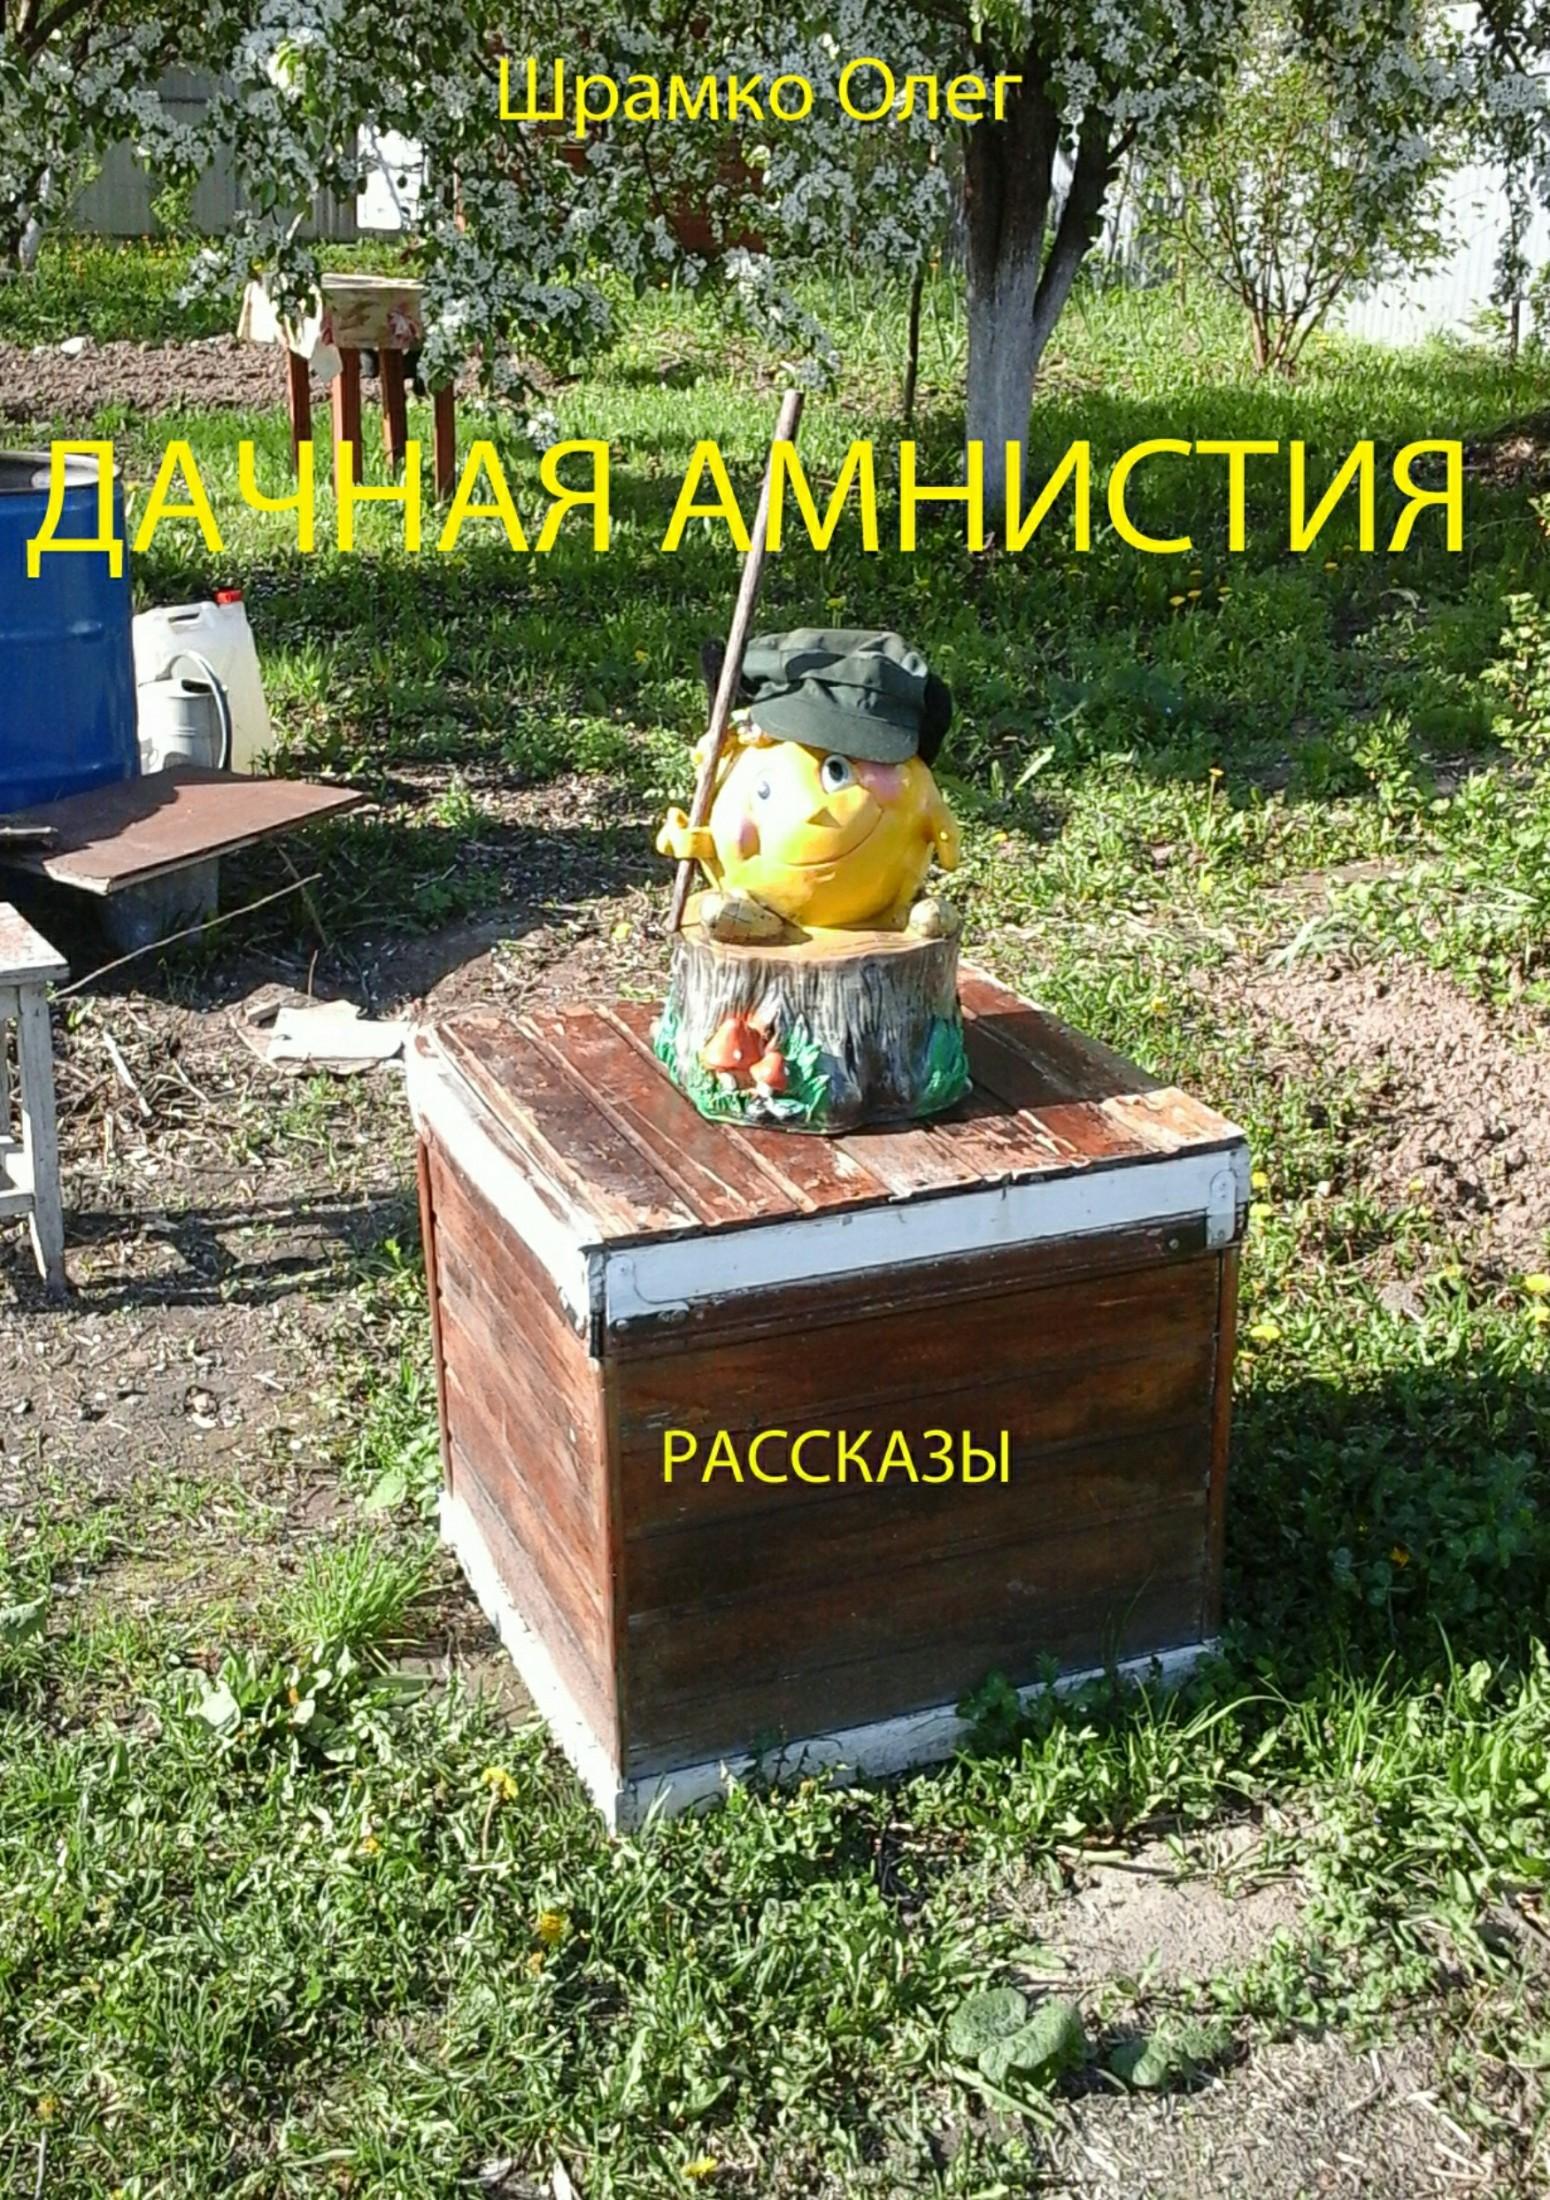 Олег Григорьевич Шрамко Дачная амнистия. Рассказы